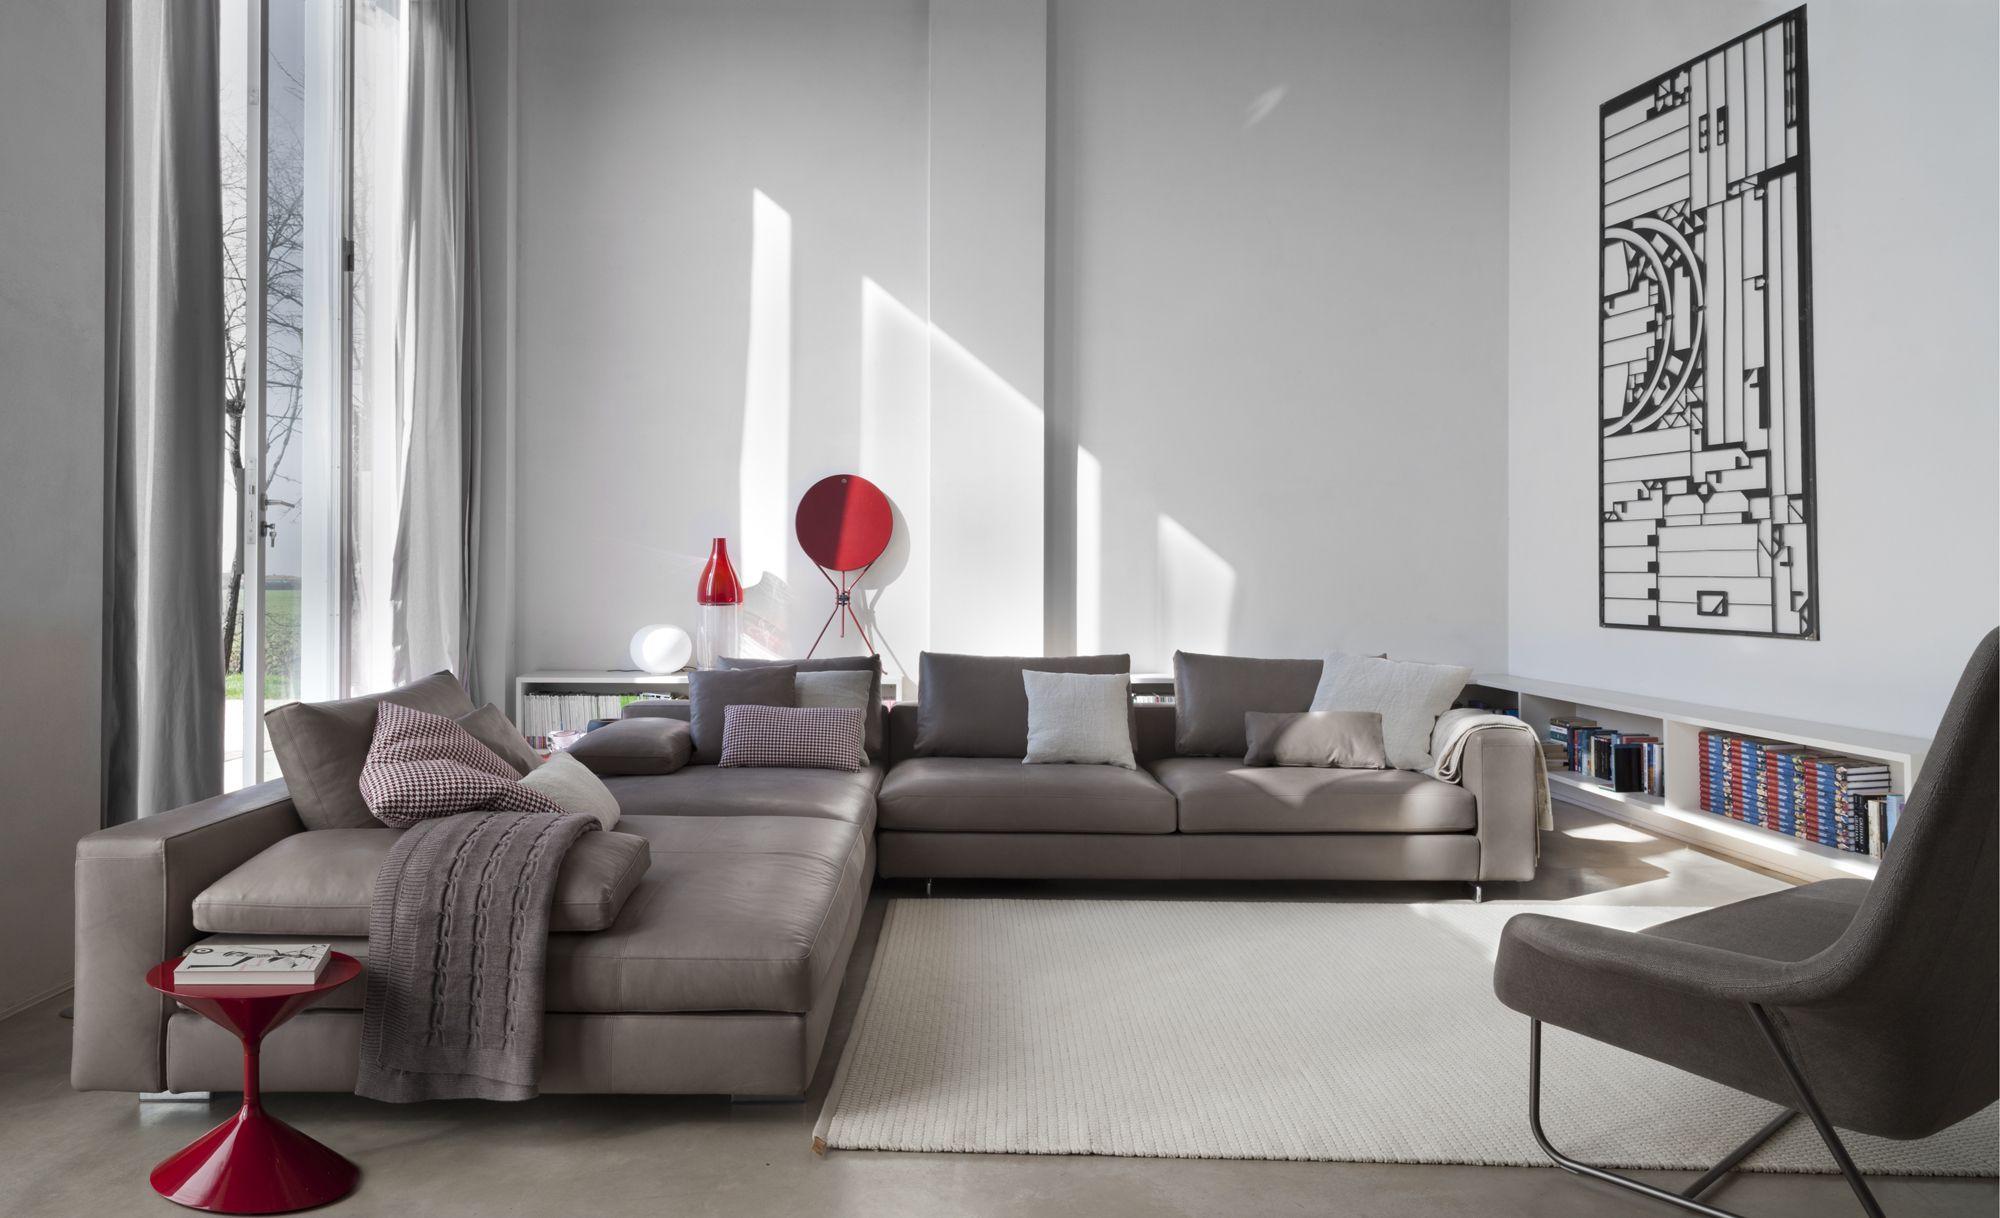 divano | sofa scott, l.+r. palomba 2014 buongiorno e benvenuti nel ... - Soggiorno Design 2014